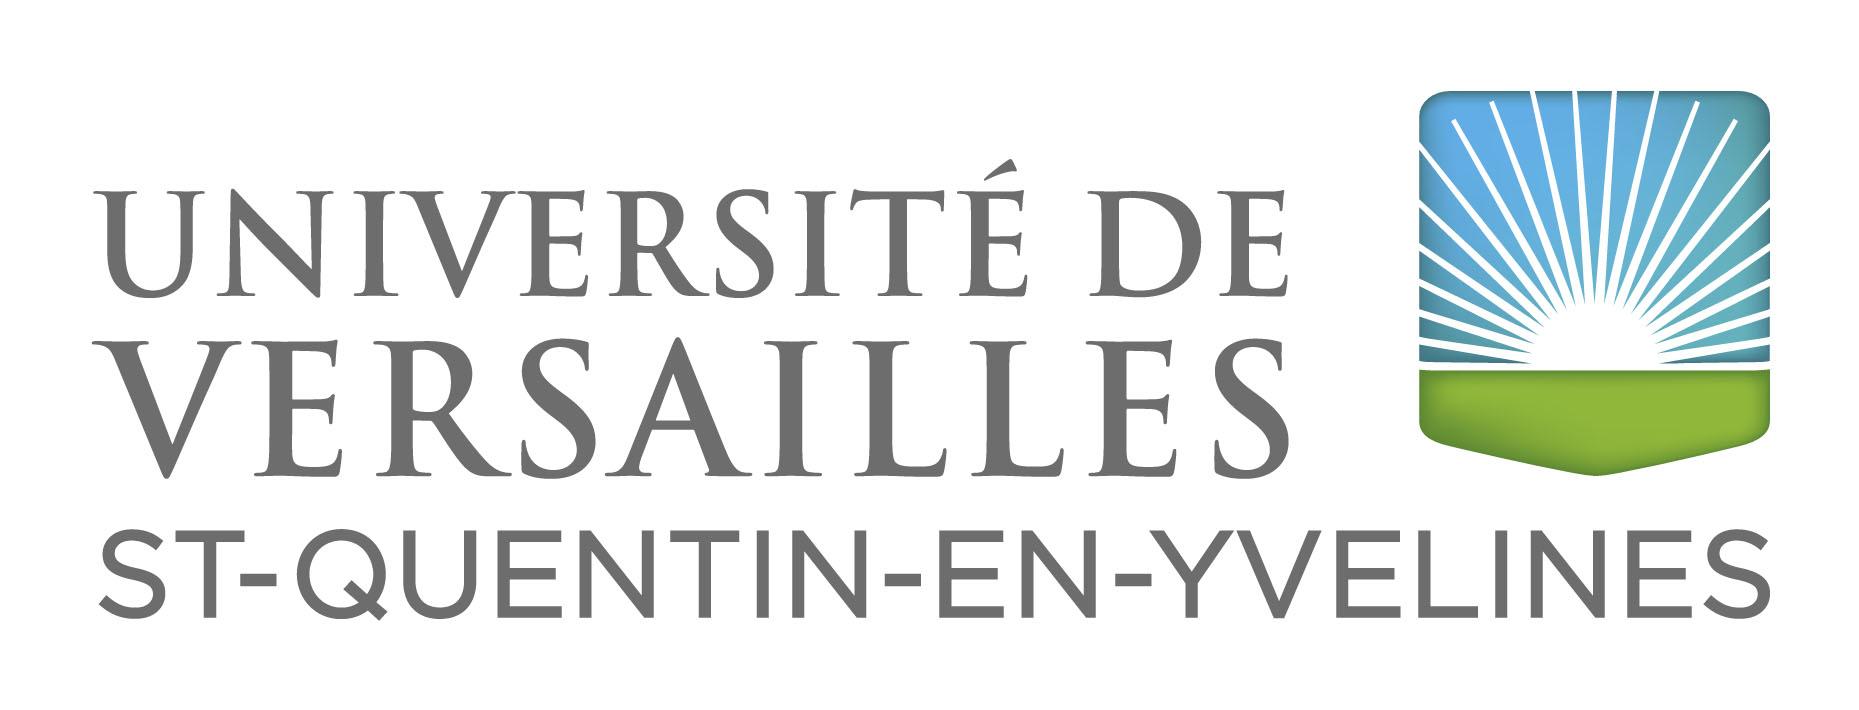 uvsq-logo-rvb-def